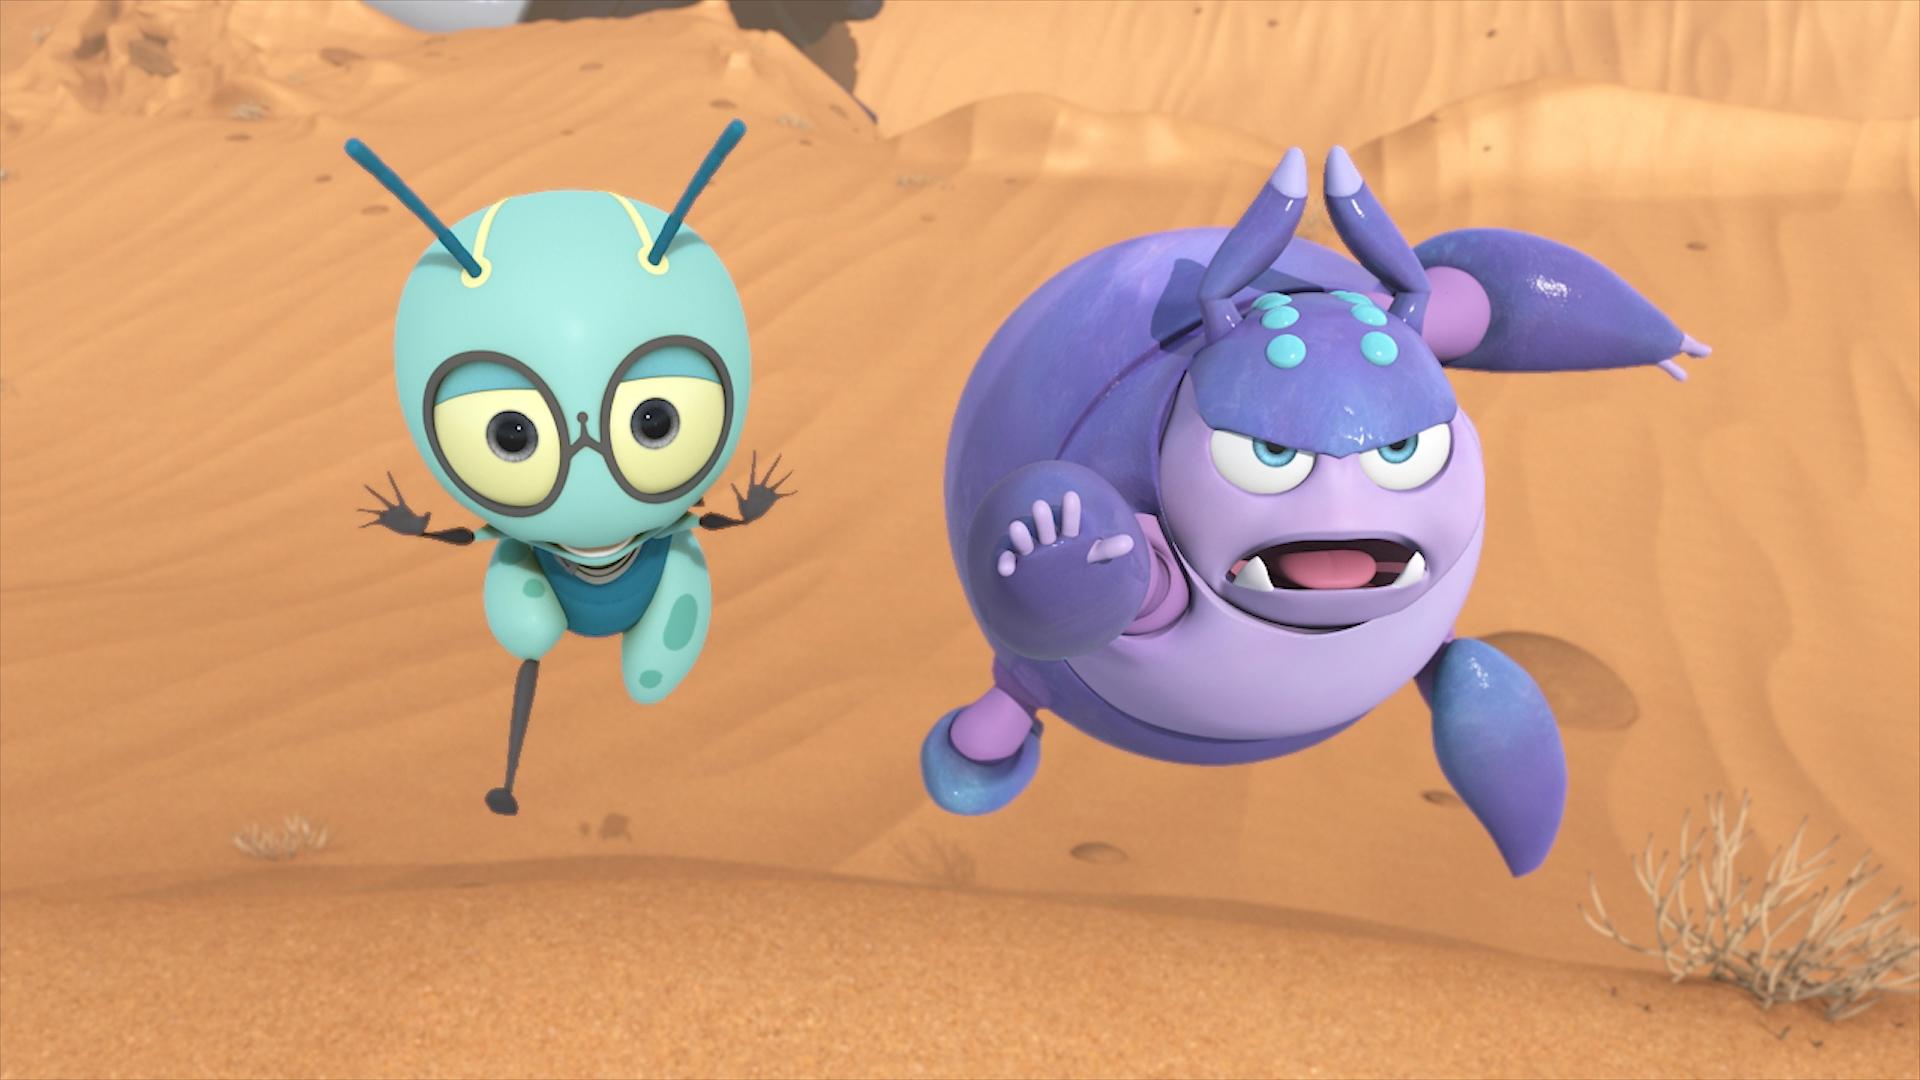 オリジナルアニメ『スペースバグ』7月8日放送スタート! 宇宙船に取り残された昆虫たちが、壮大な冒険を繰り広げる!!-4